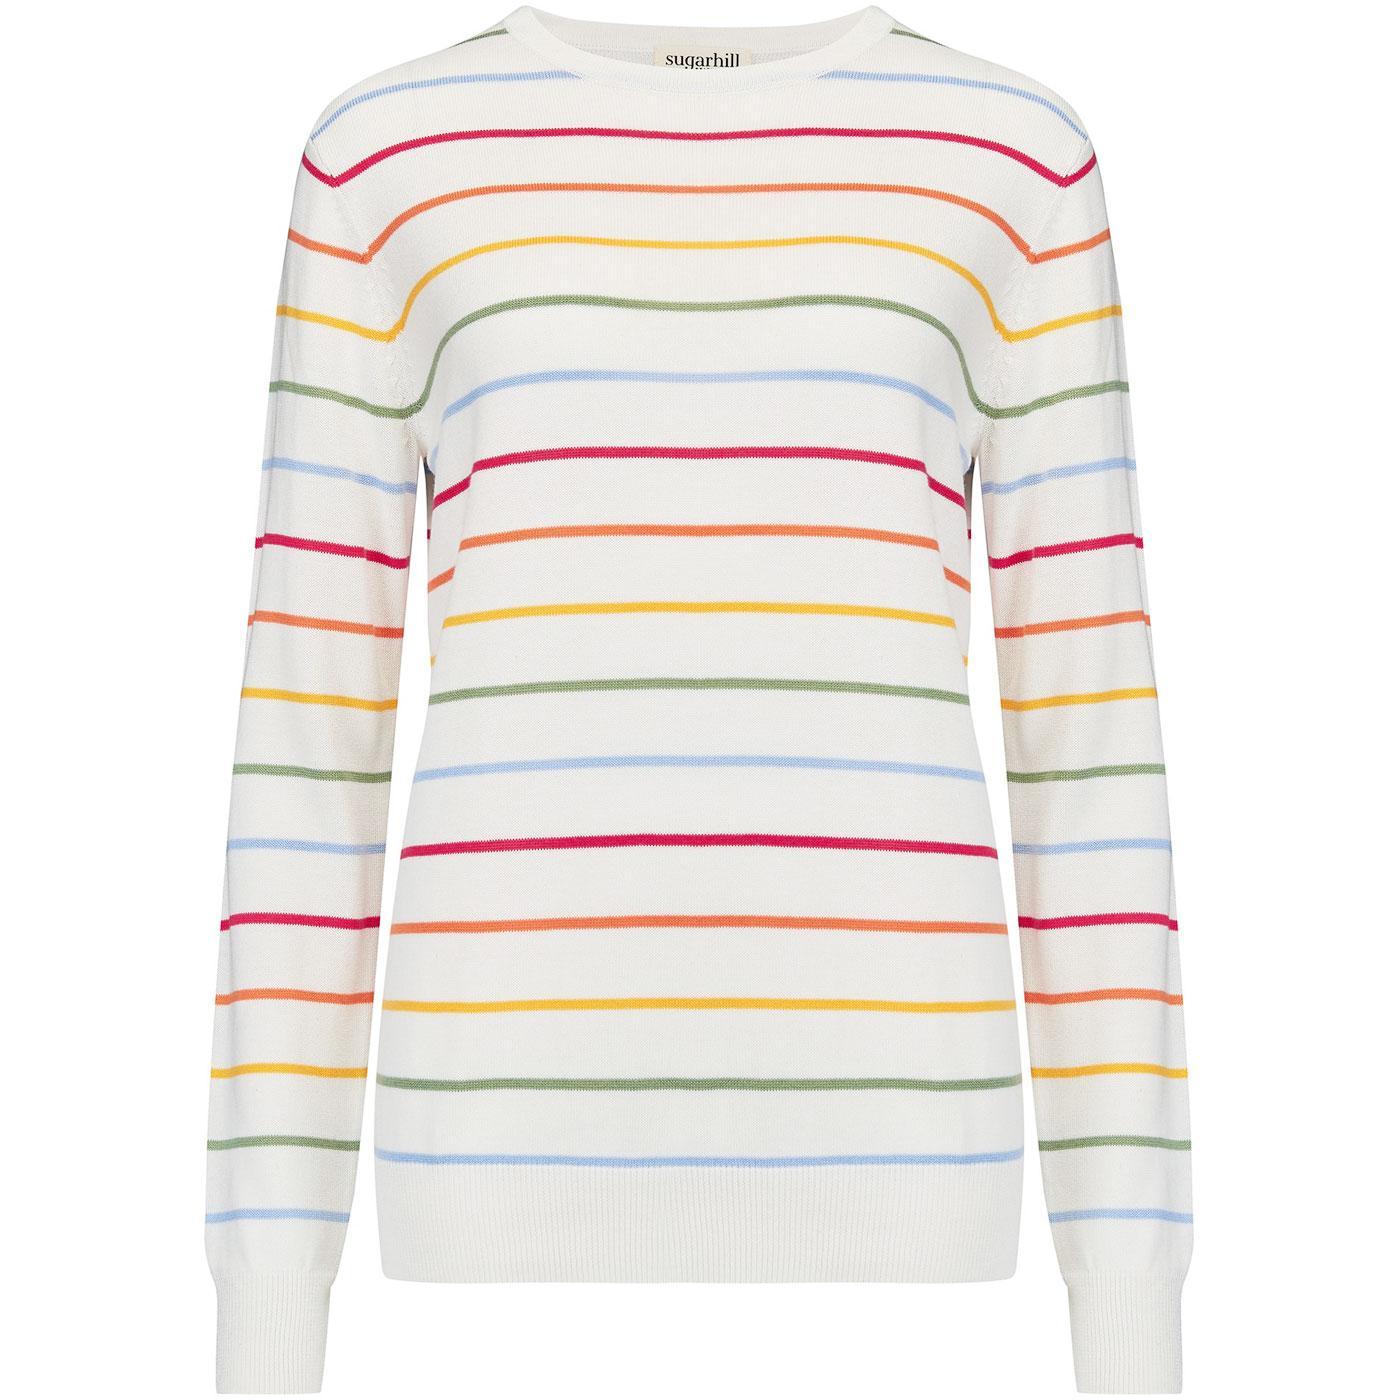 Rita SUGARHILL BRIGHTON 70s Rainbow Stripe Jumper